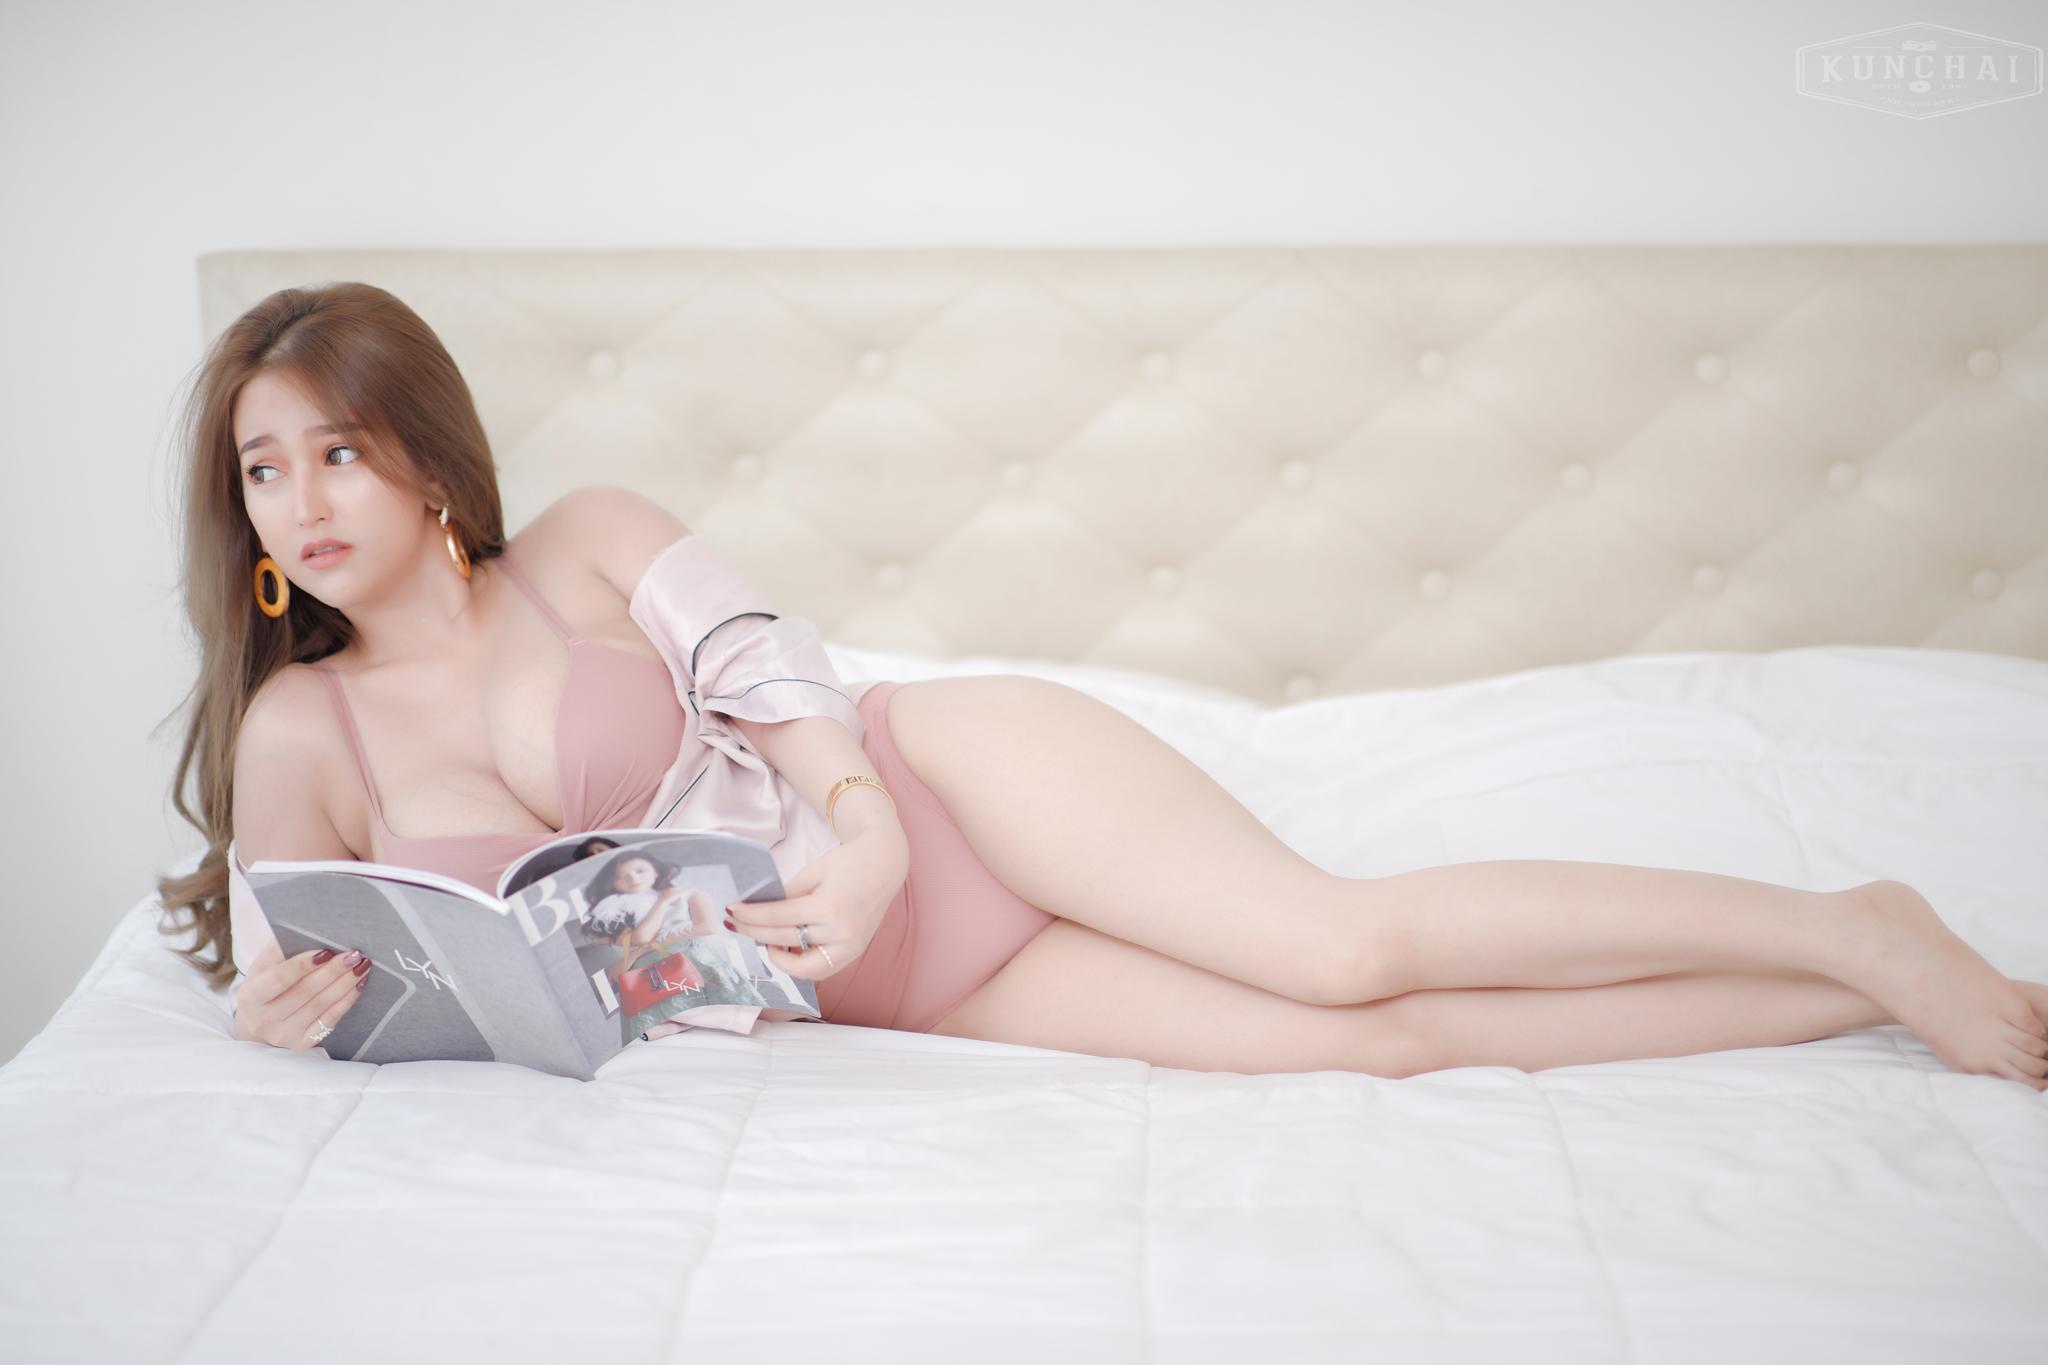 http://hongbiencang.com/images/news/2020/06/26/chf_11593148992.jpg